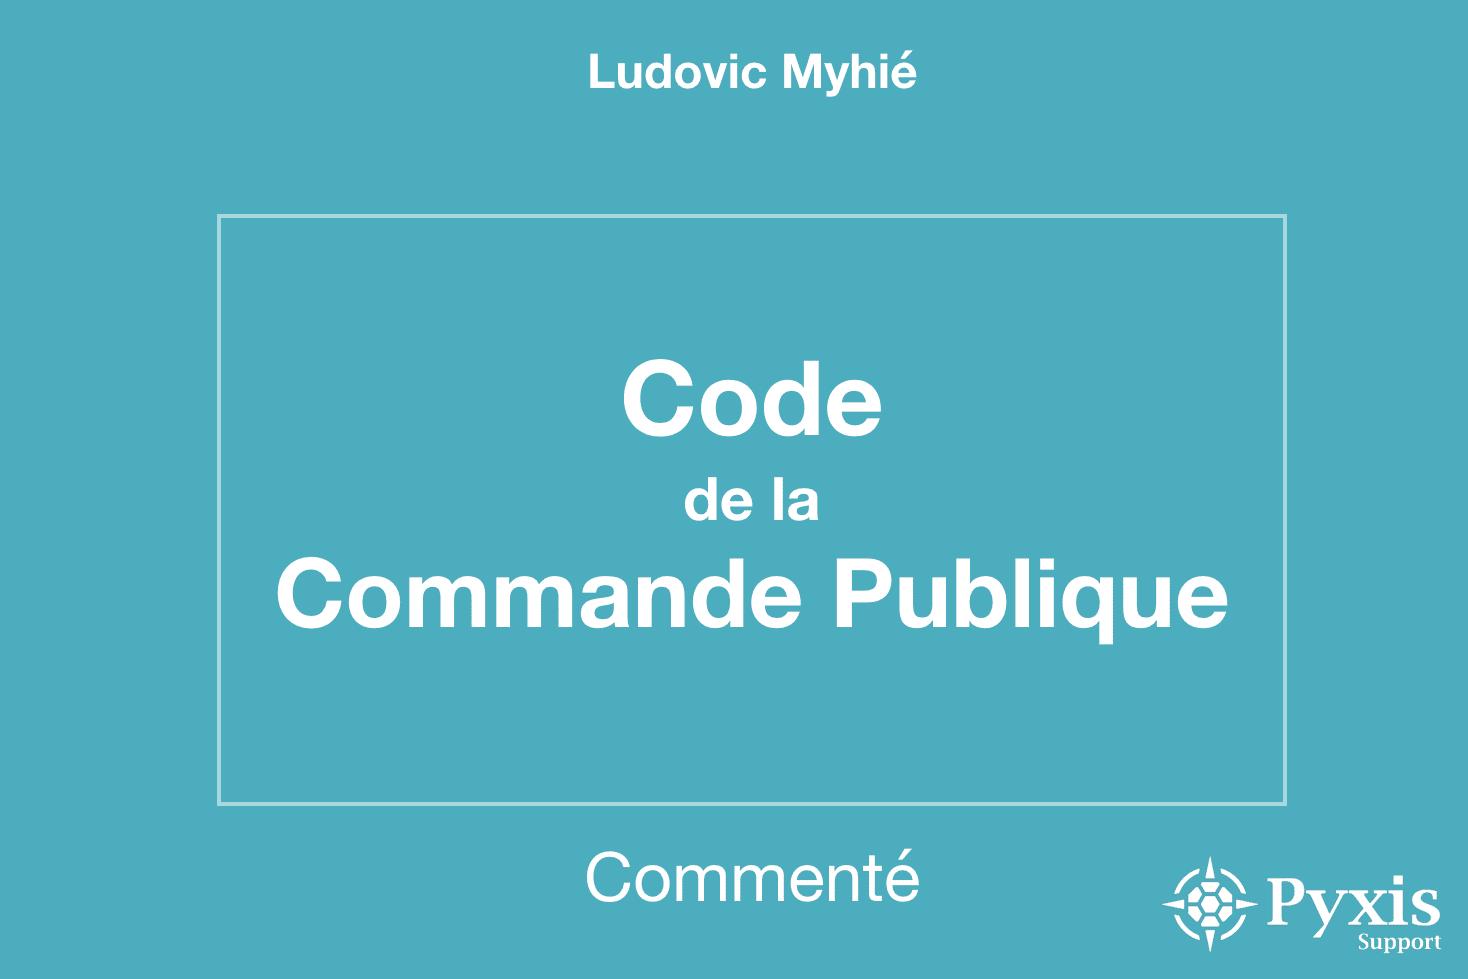 https://www.code-commande-publique.com/droit-de-la-commande-publique/